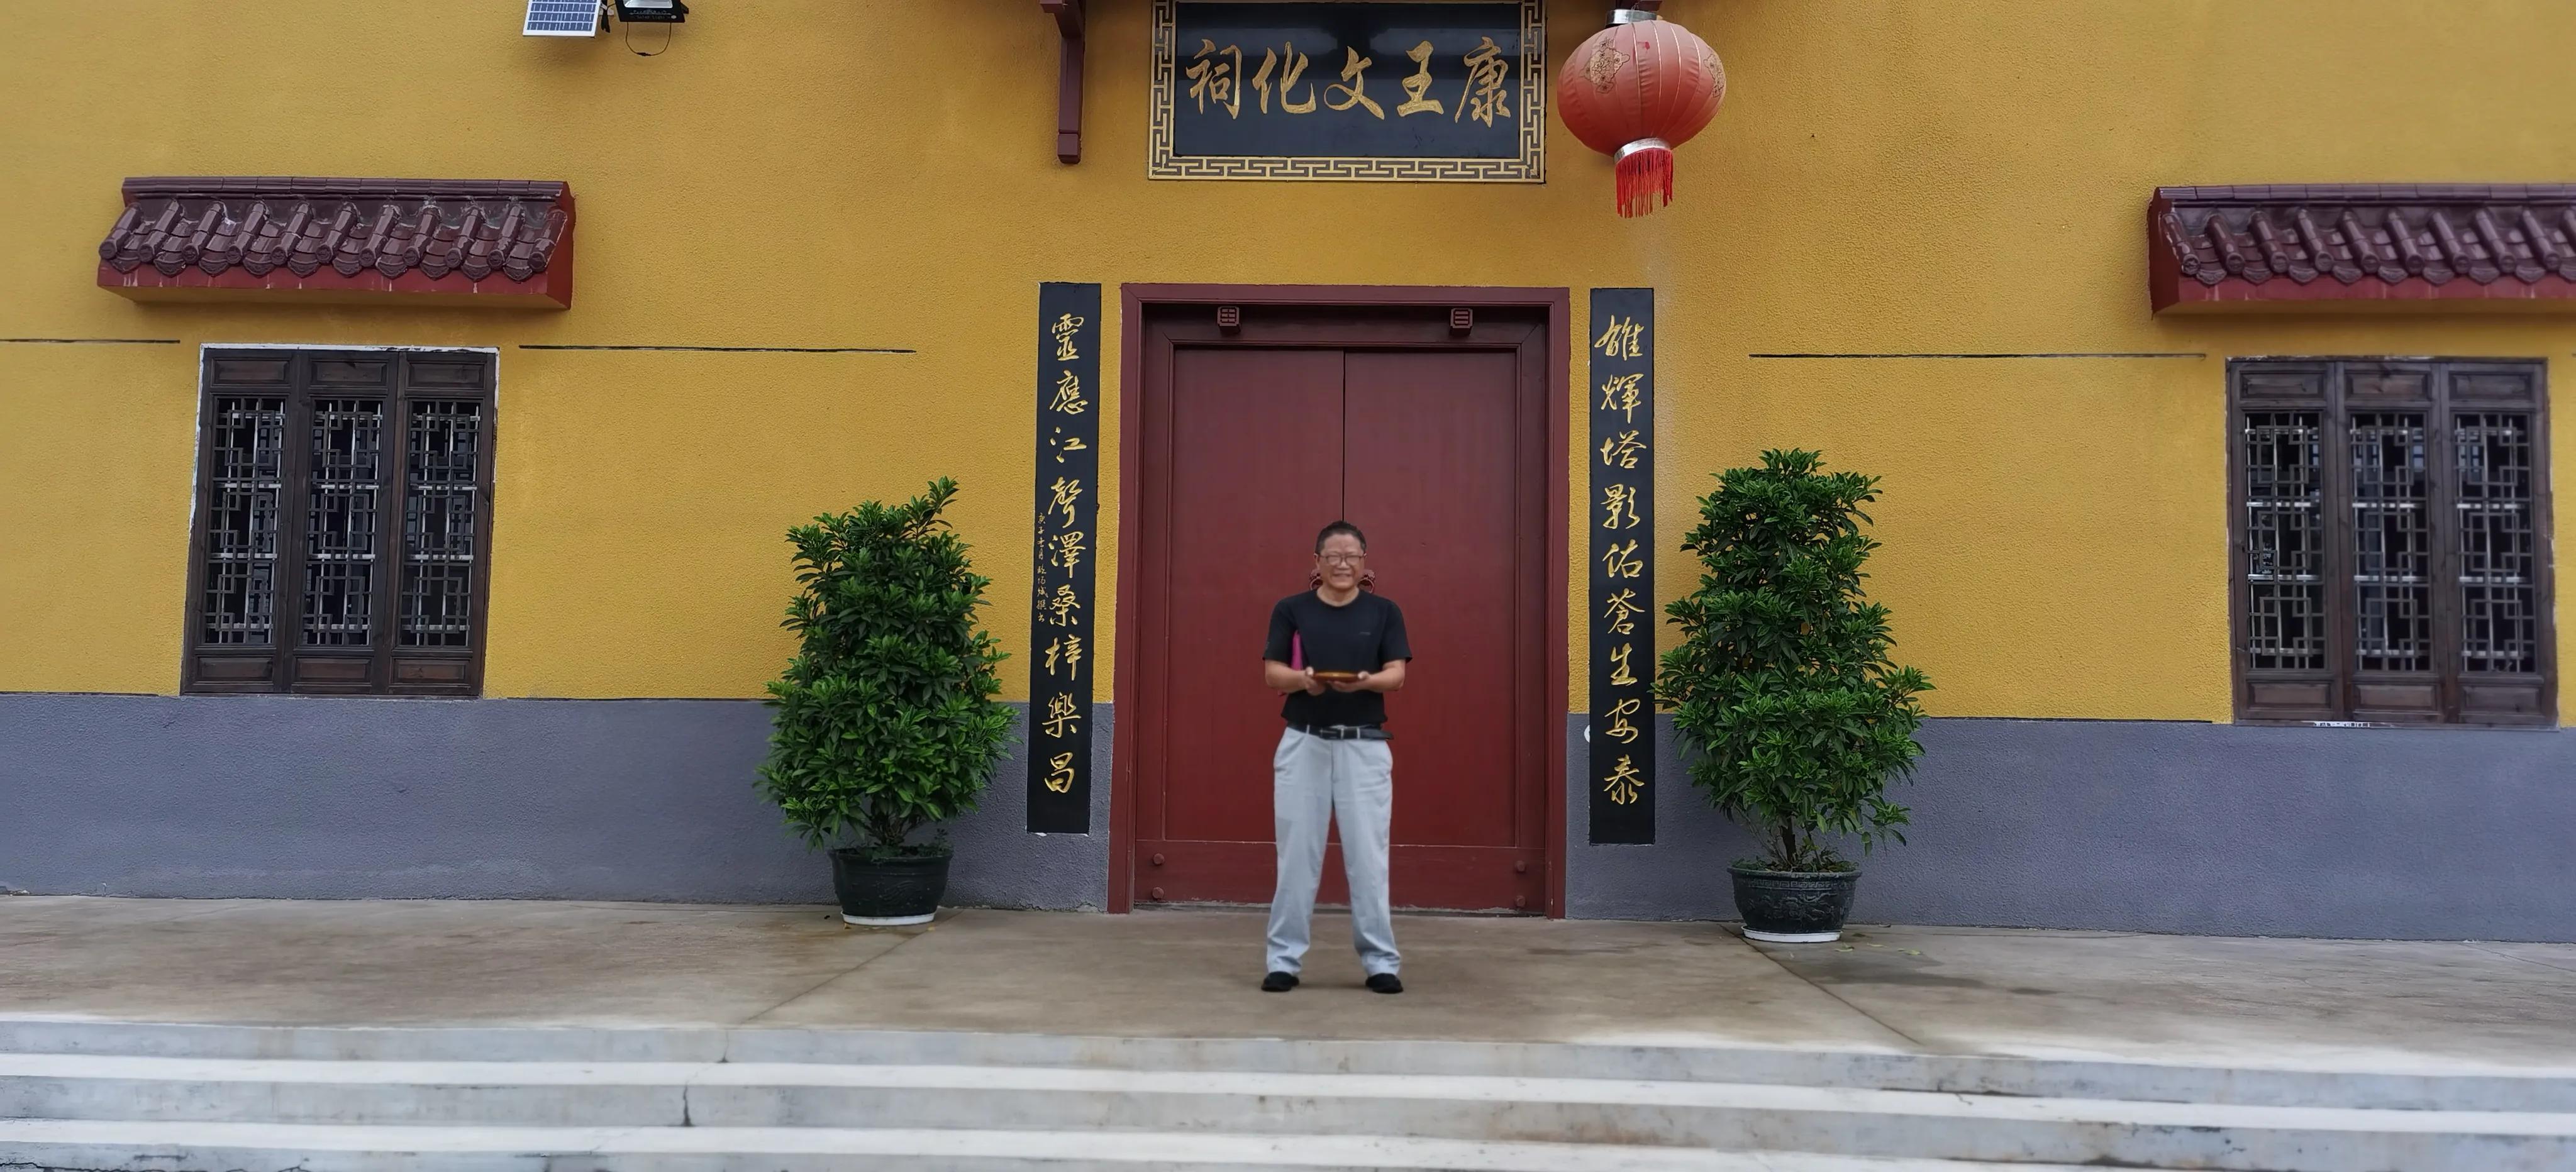 赣州城市水口有两桥两塔,现又有康王庙,共同镇守水口